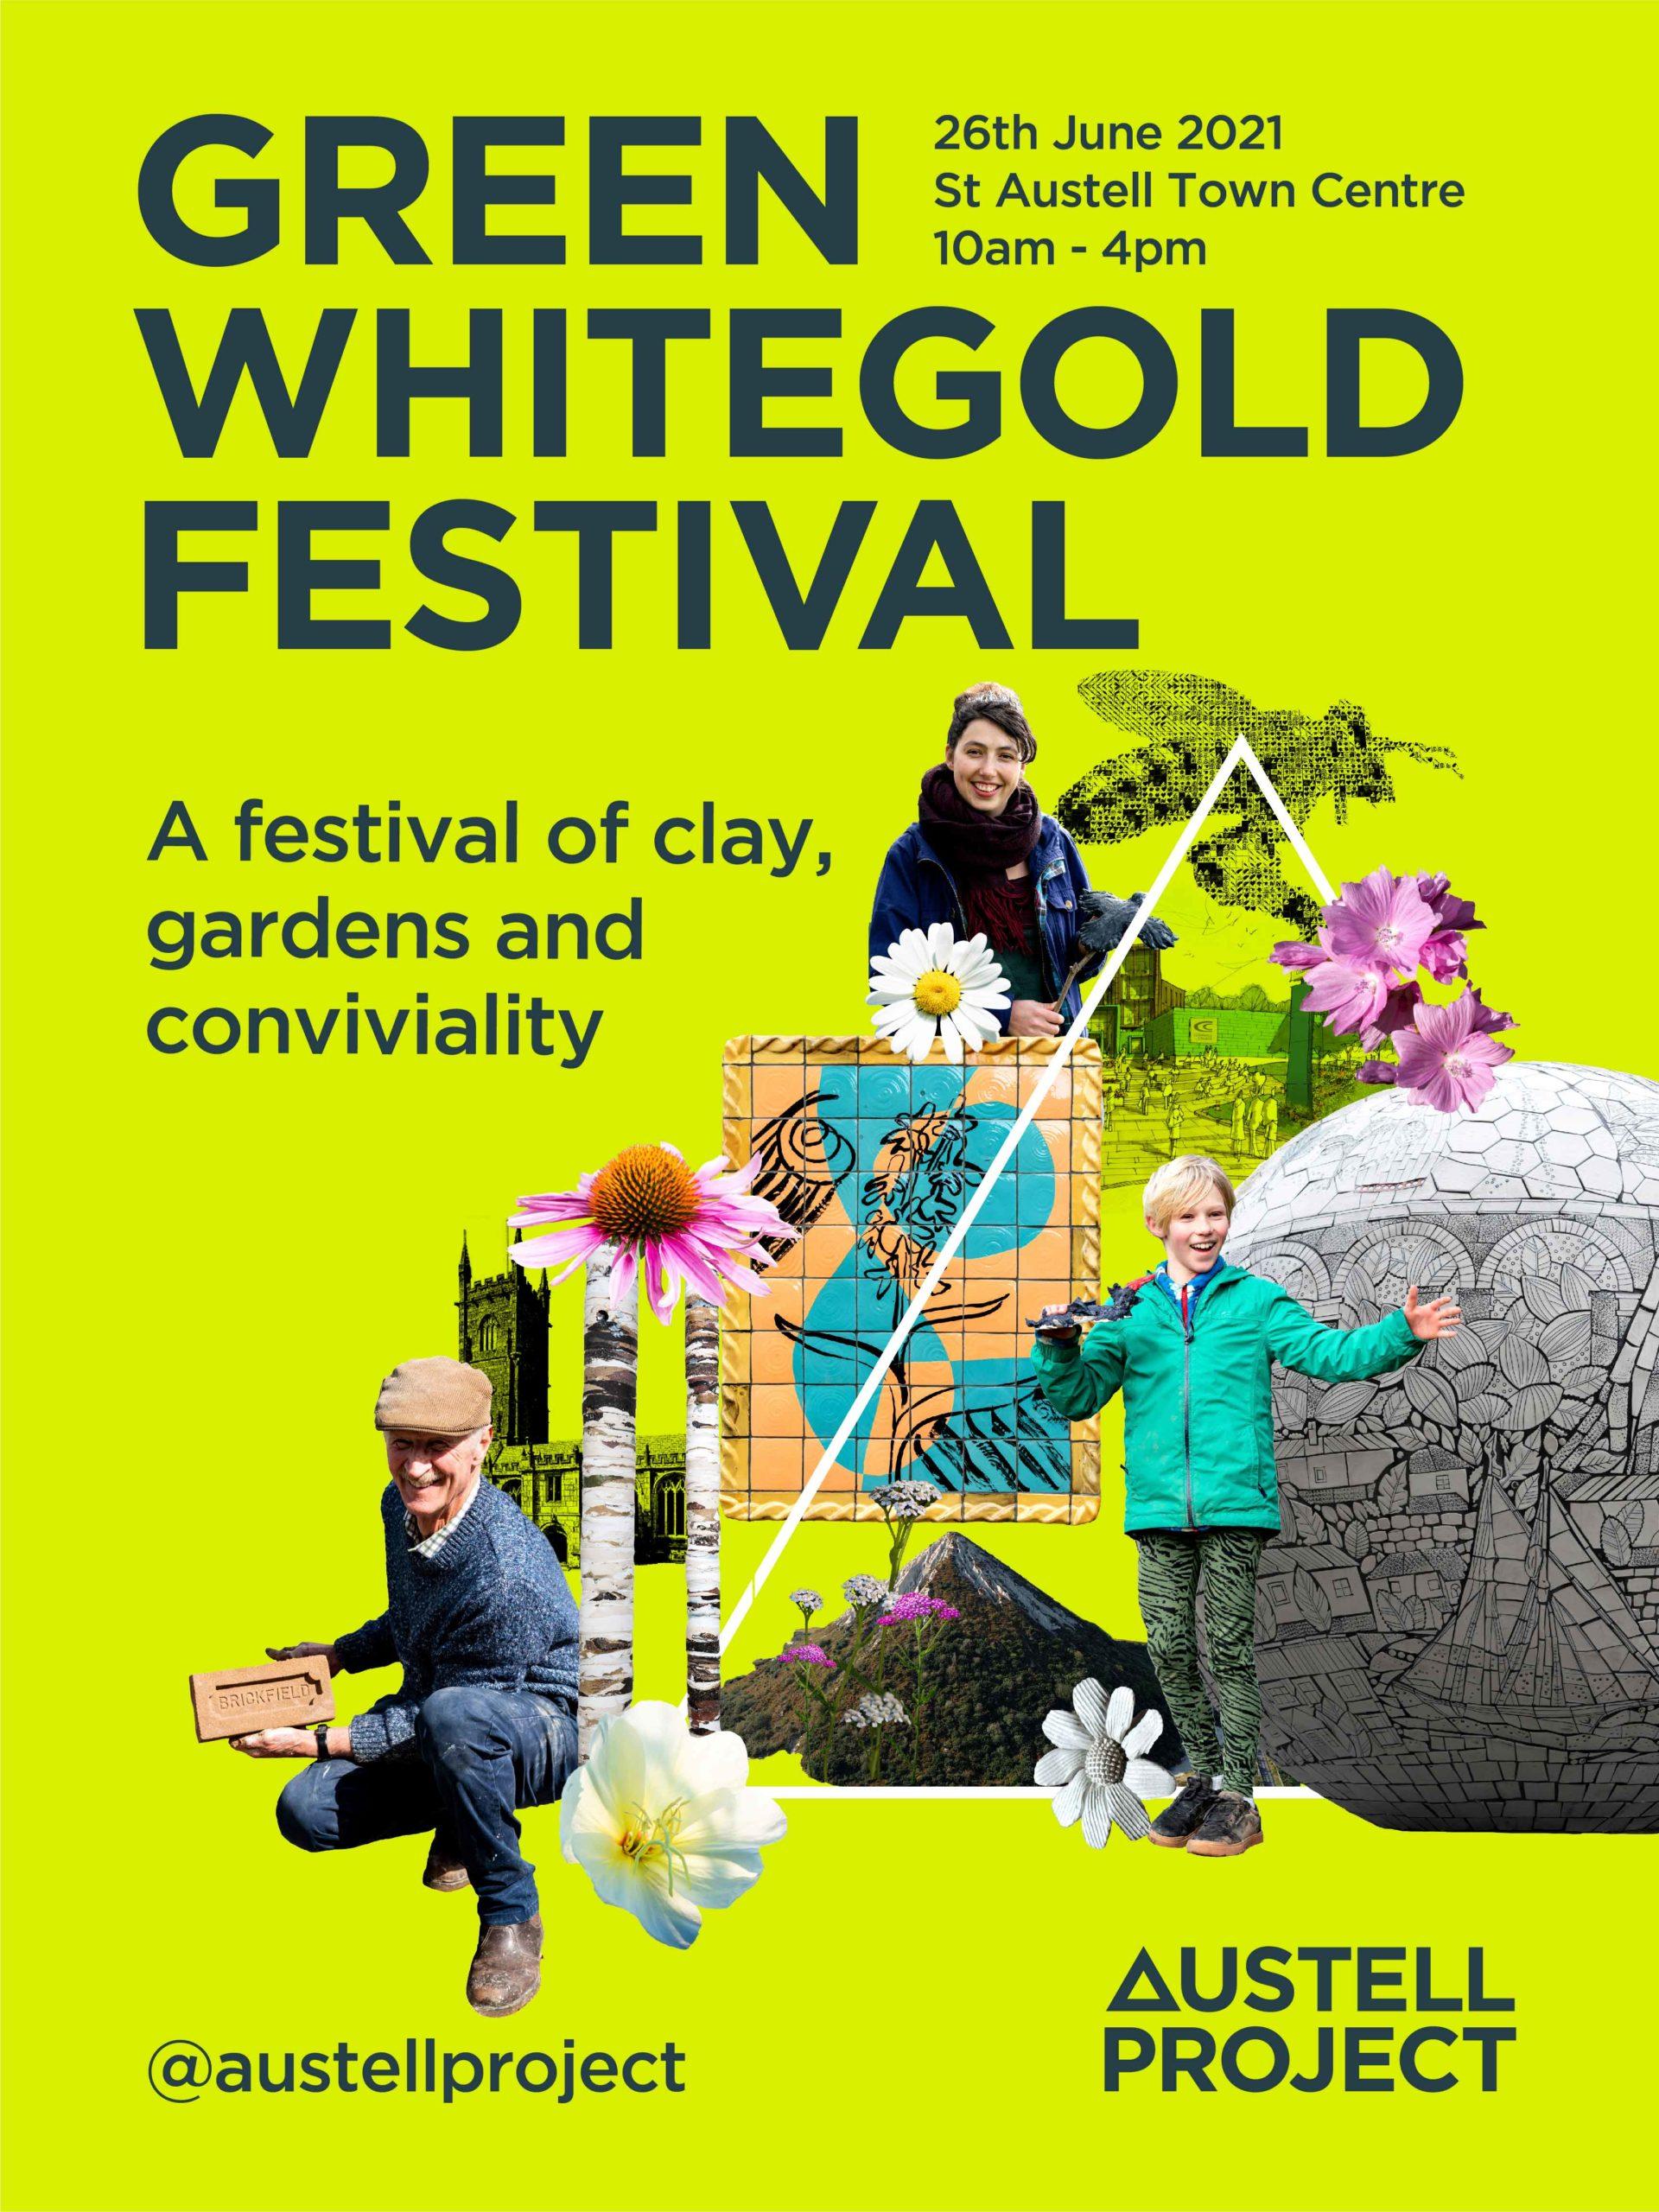 St Austell Green Whitegold Festival Flyer